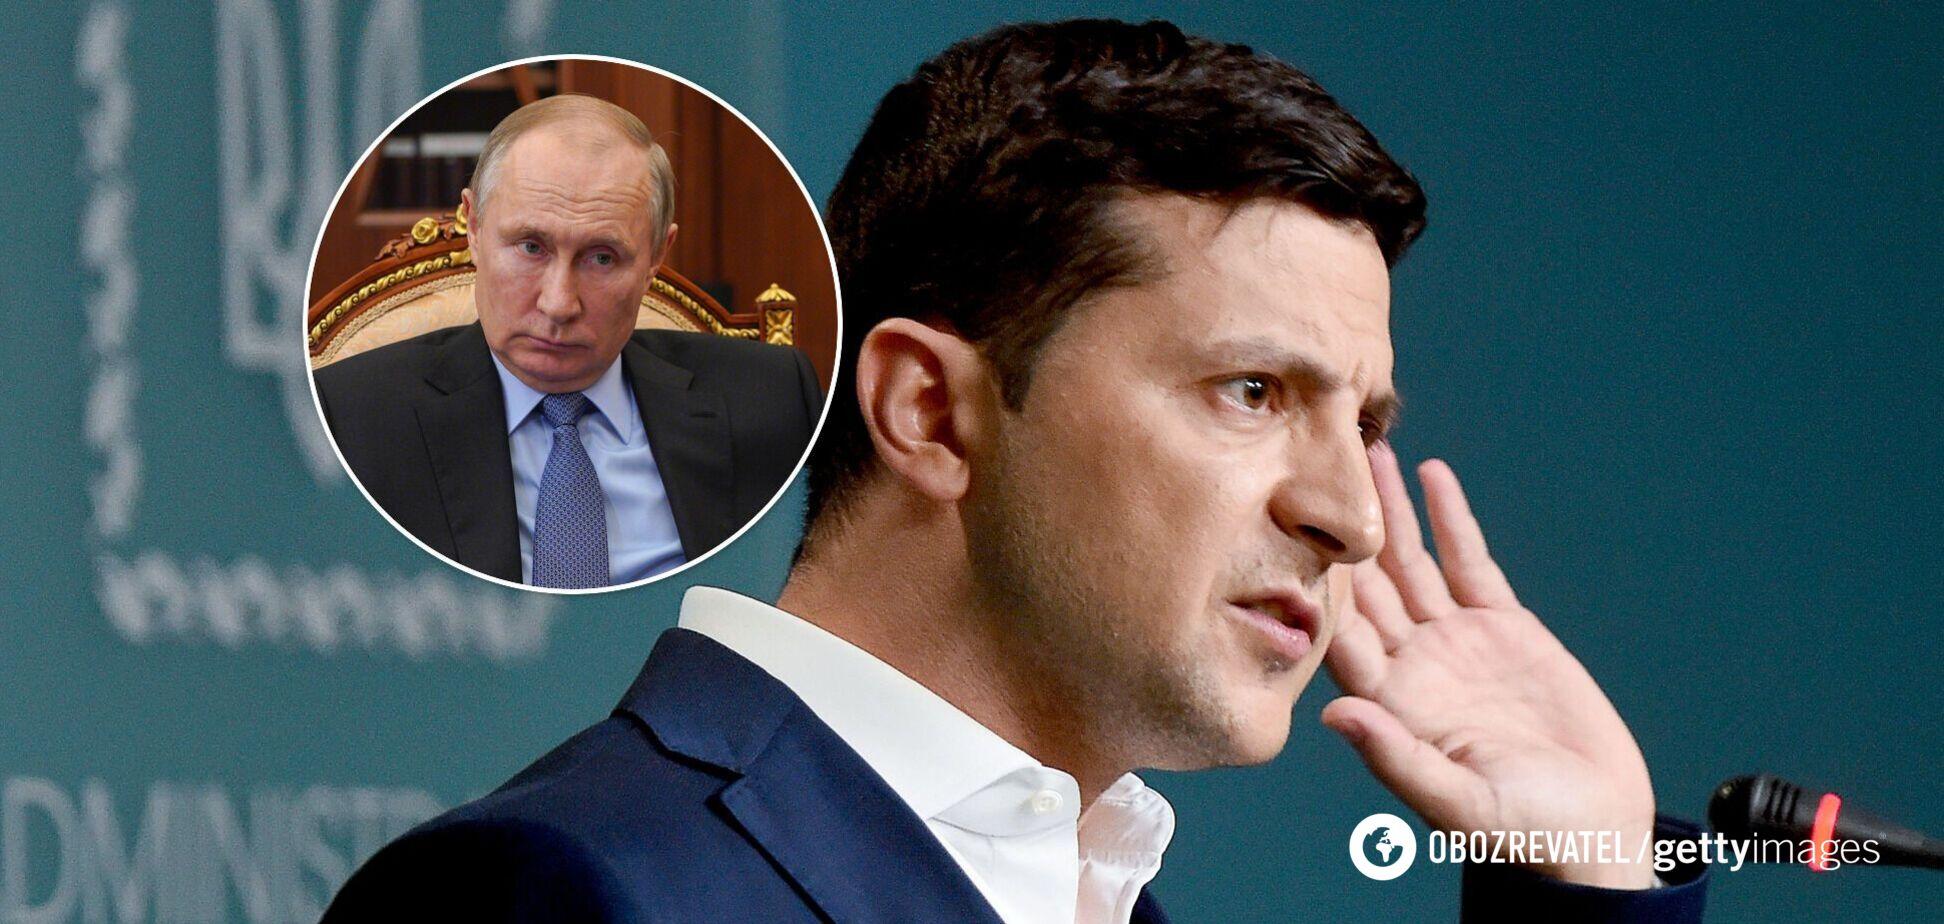 Зеленский: не думаю, что Путин ожидал такого президента Украины